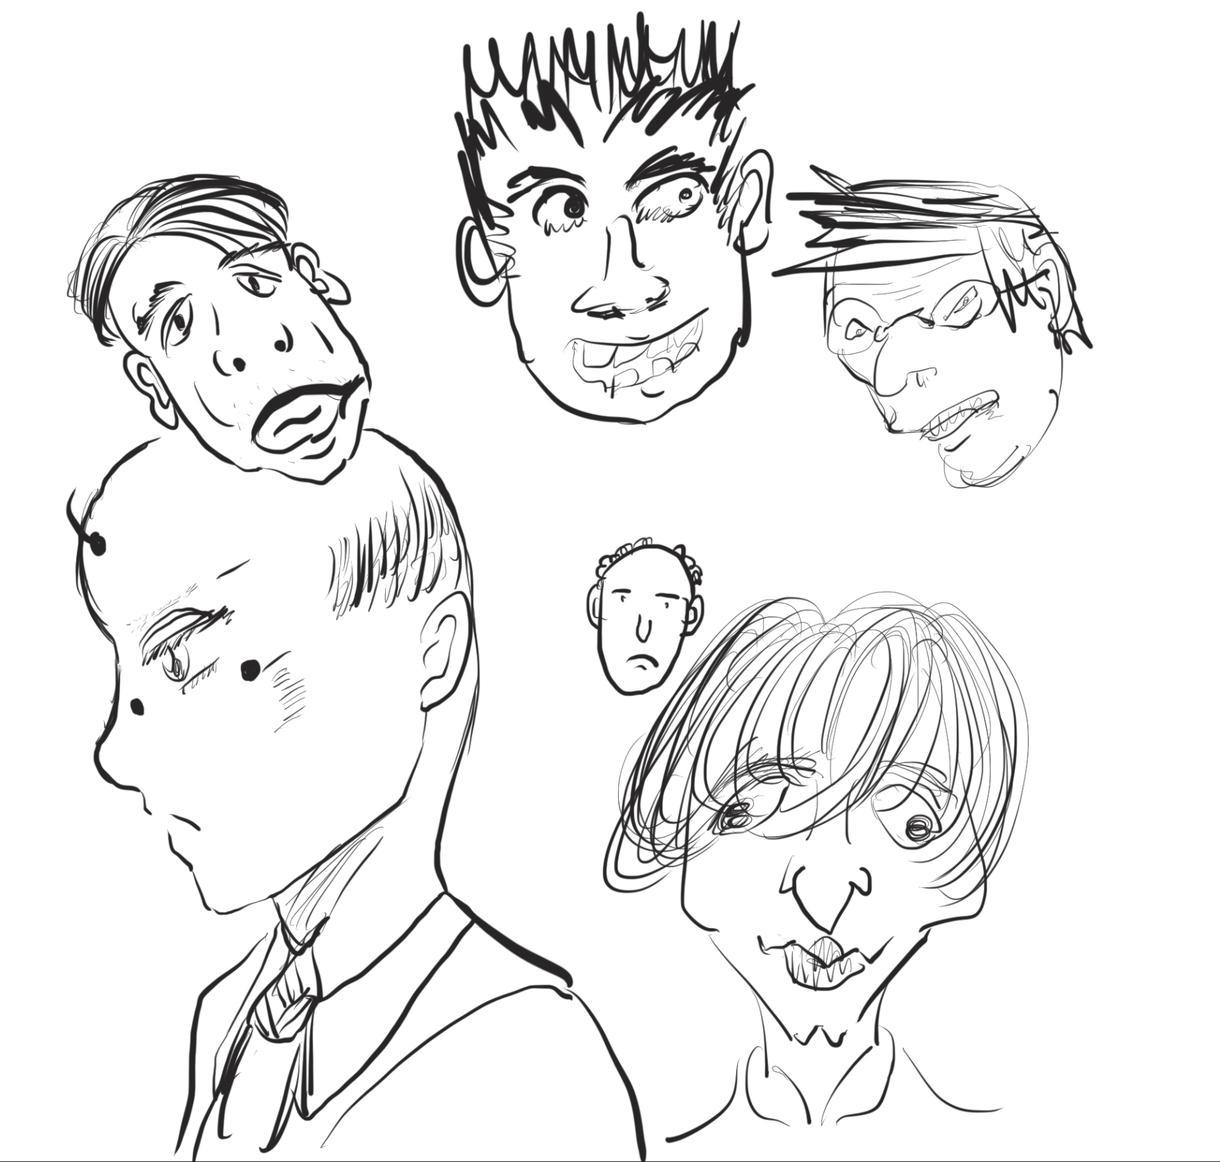 シンプルなおじさんのイラストを描きます 秒で描く絶妙にきもいおじさんたち